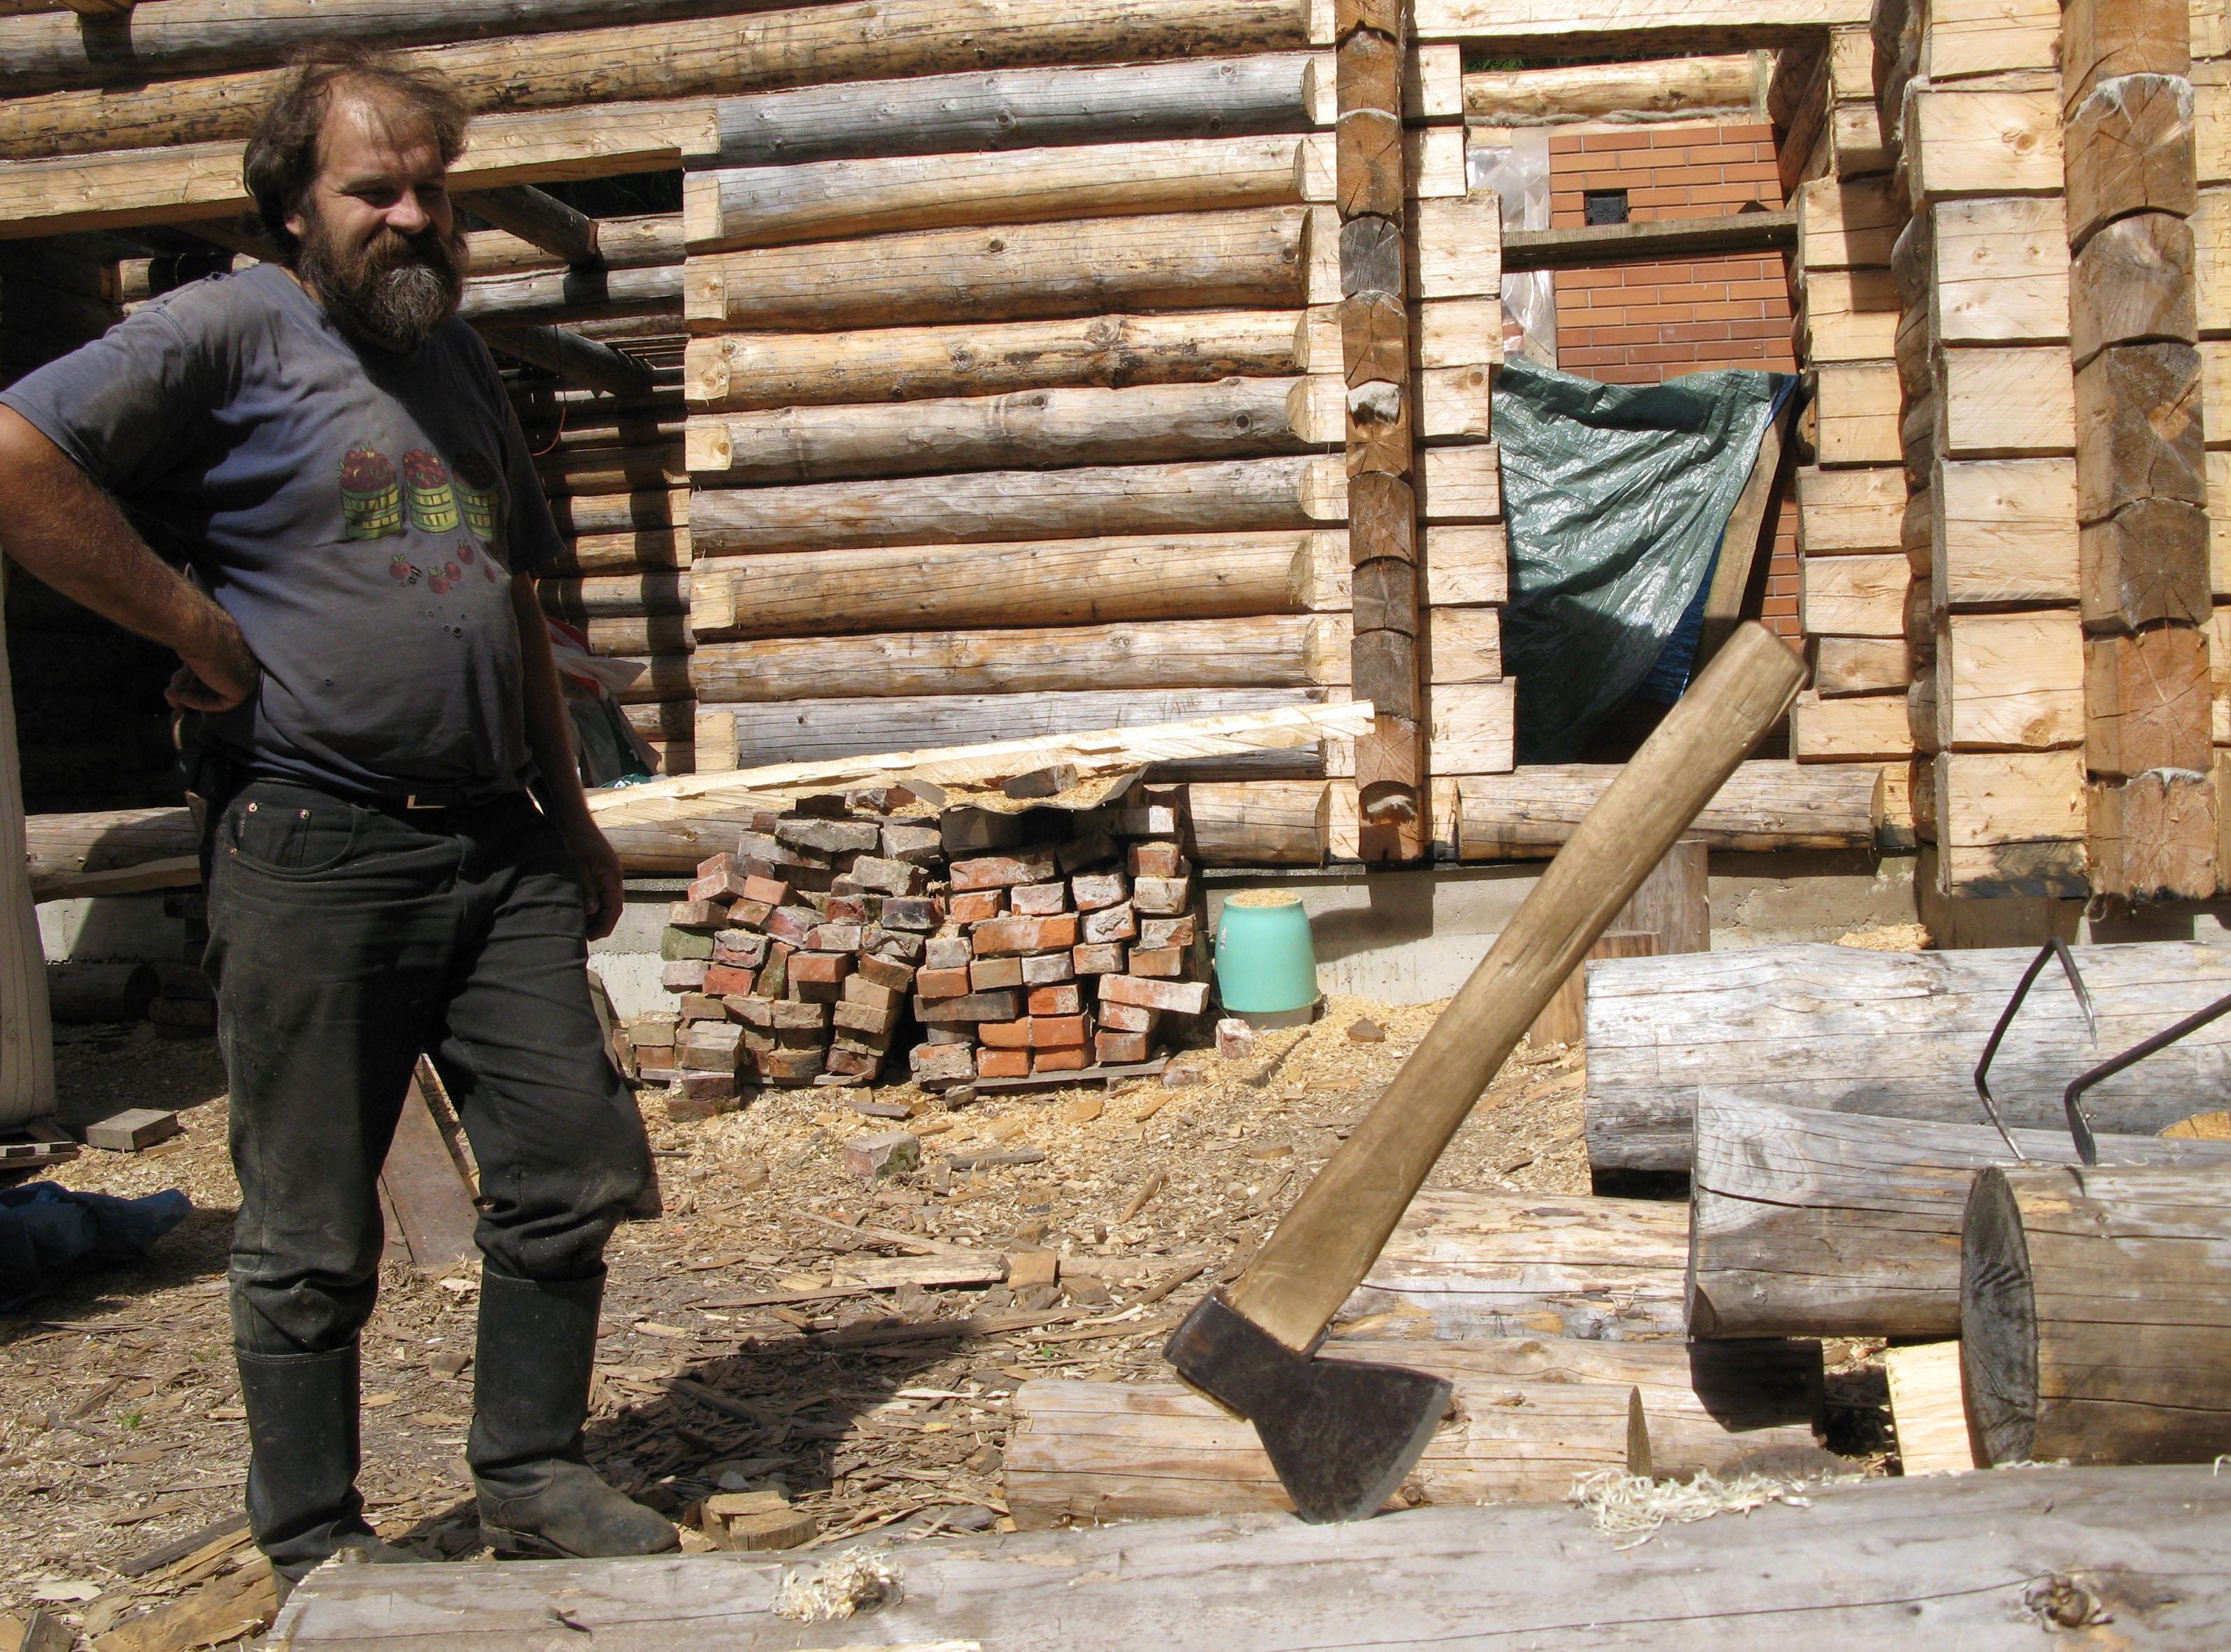 Tugevalt eripärase ehitajakäega Aigar Zahkna palkehitustööd Kolga-Jaani vallas Vaibla külas, kus traditsioonilises võtmes on valmimas 170m2 suurune elumaja. Foto: Joosep Metslang (2008)